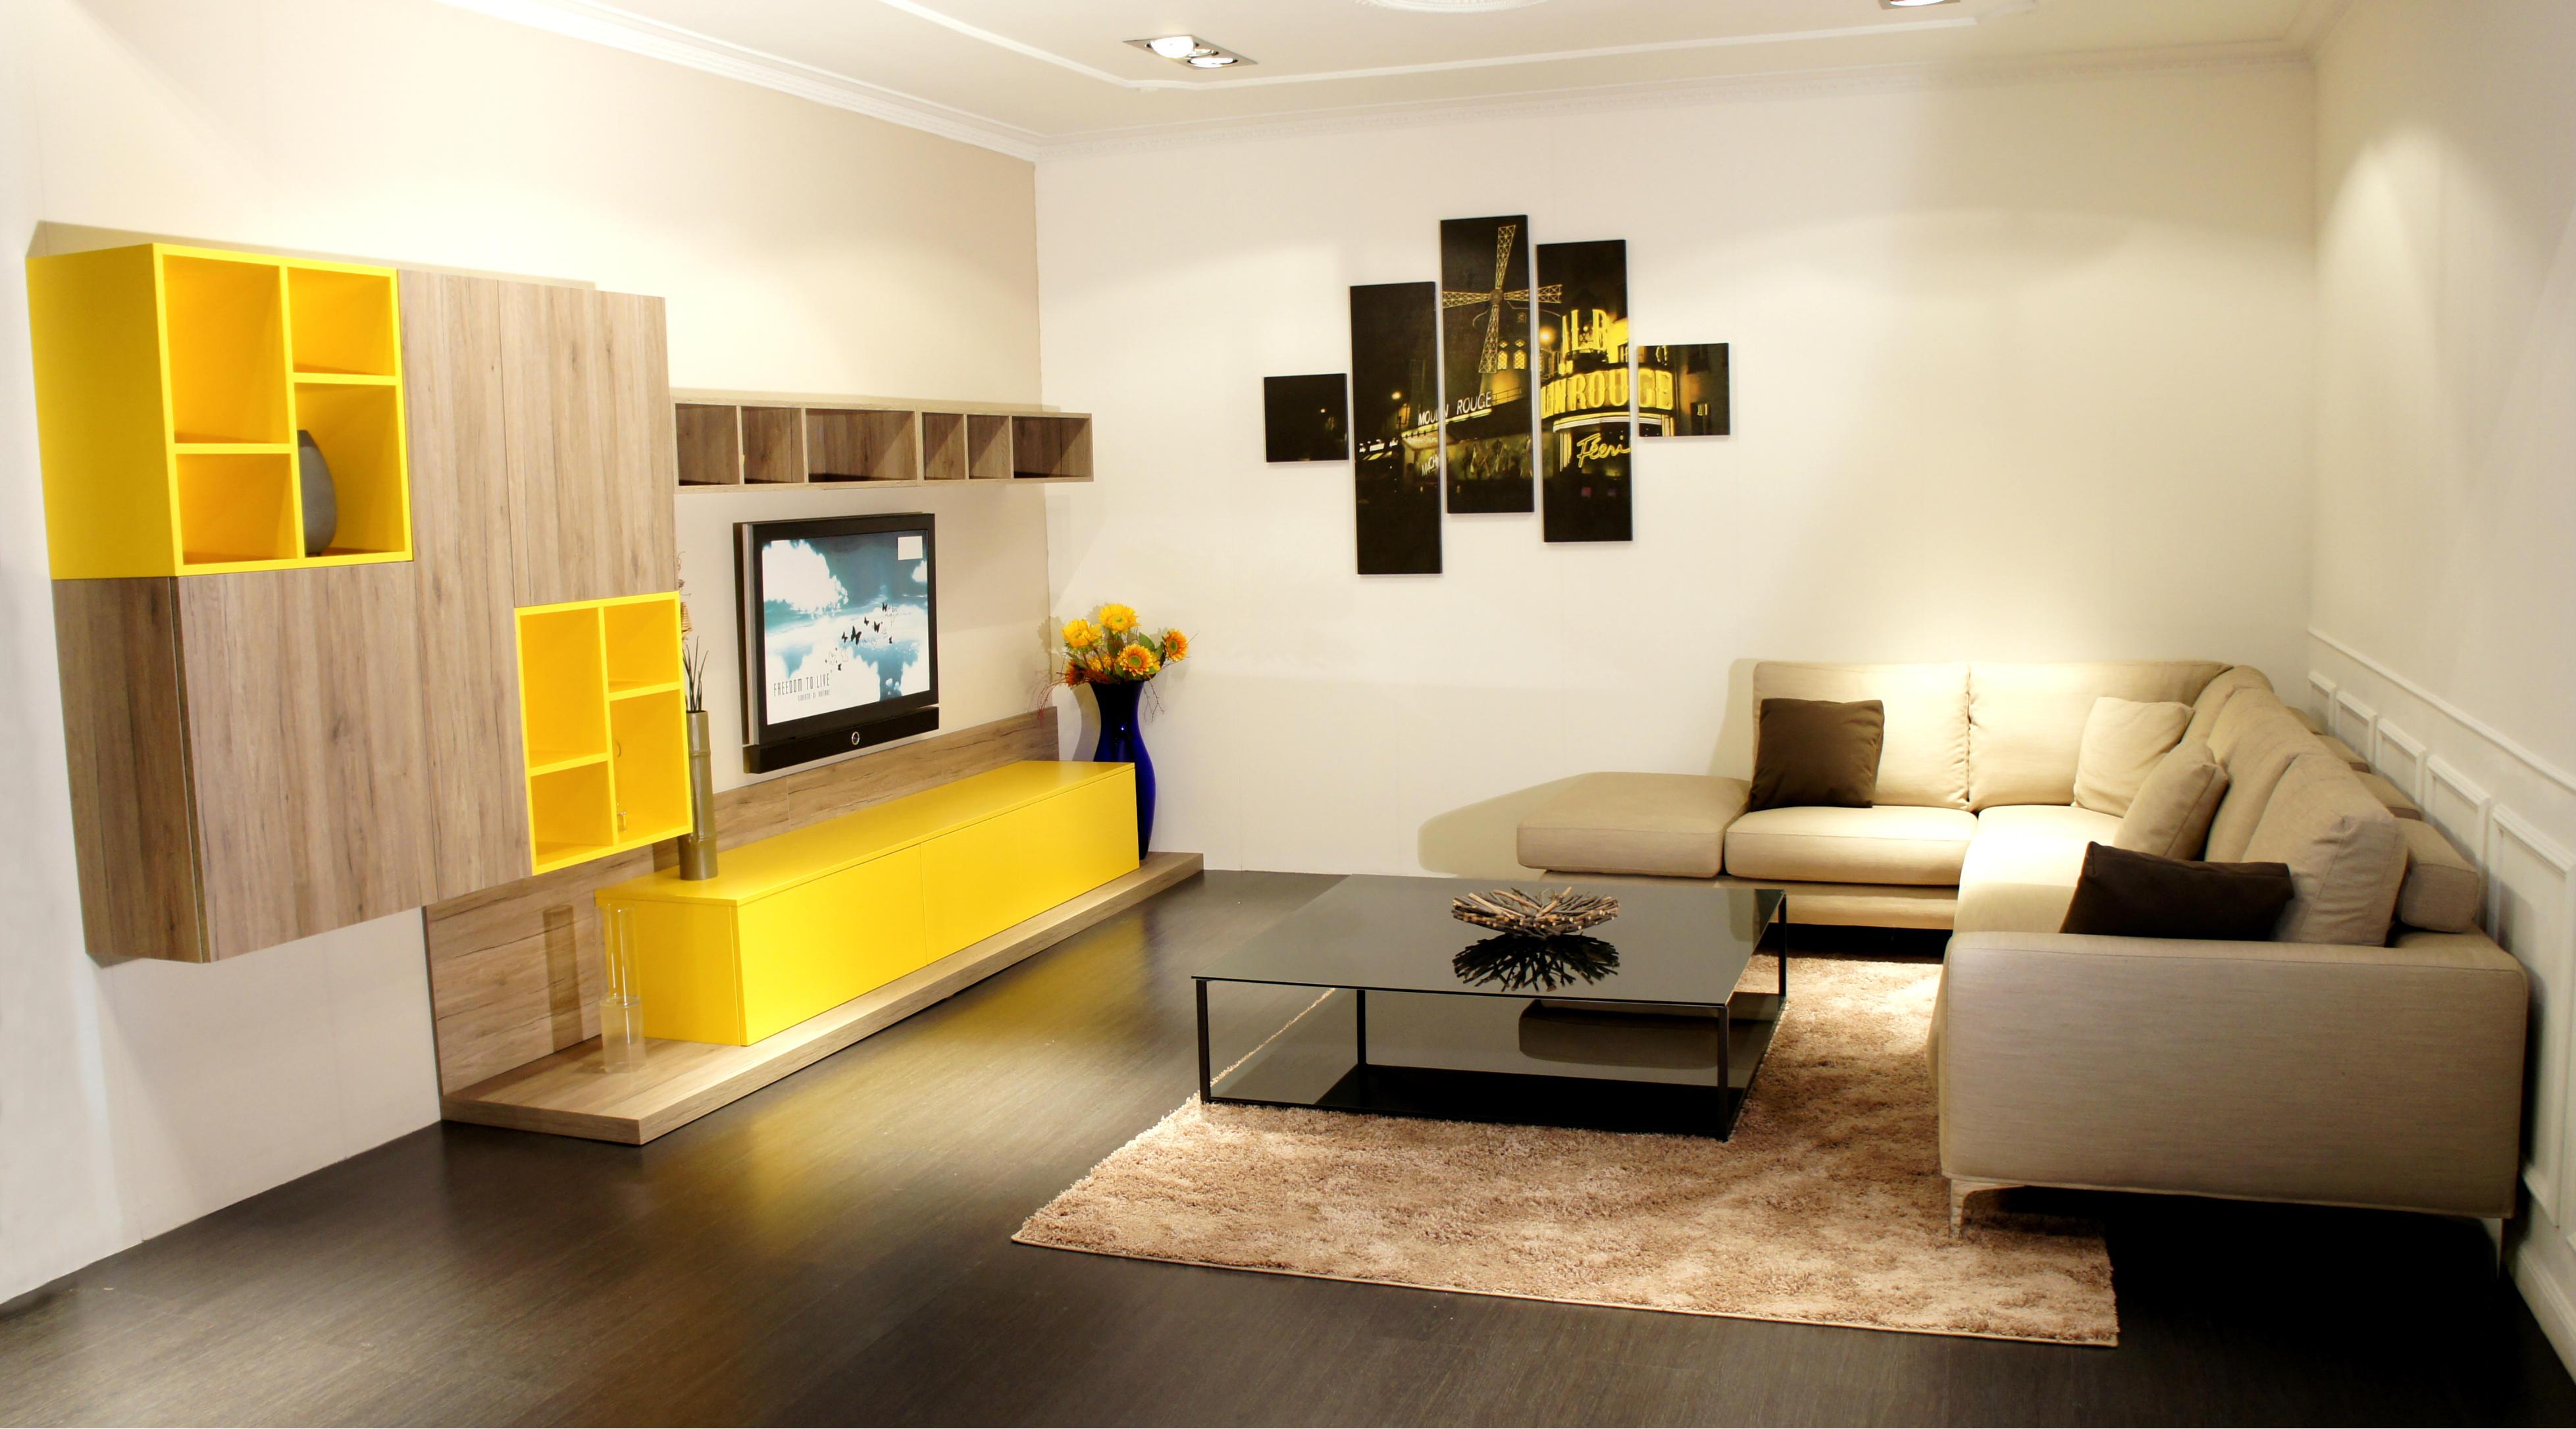 Soggiorni in stile moderno Torino | SUMISURA Fabbrica ...